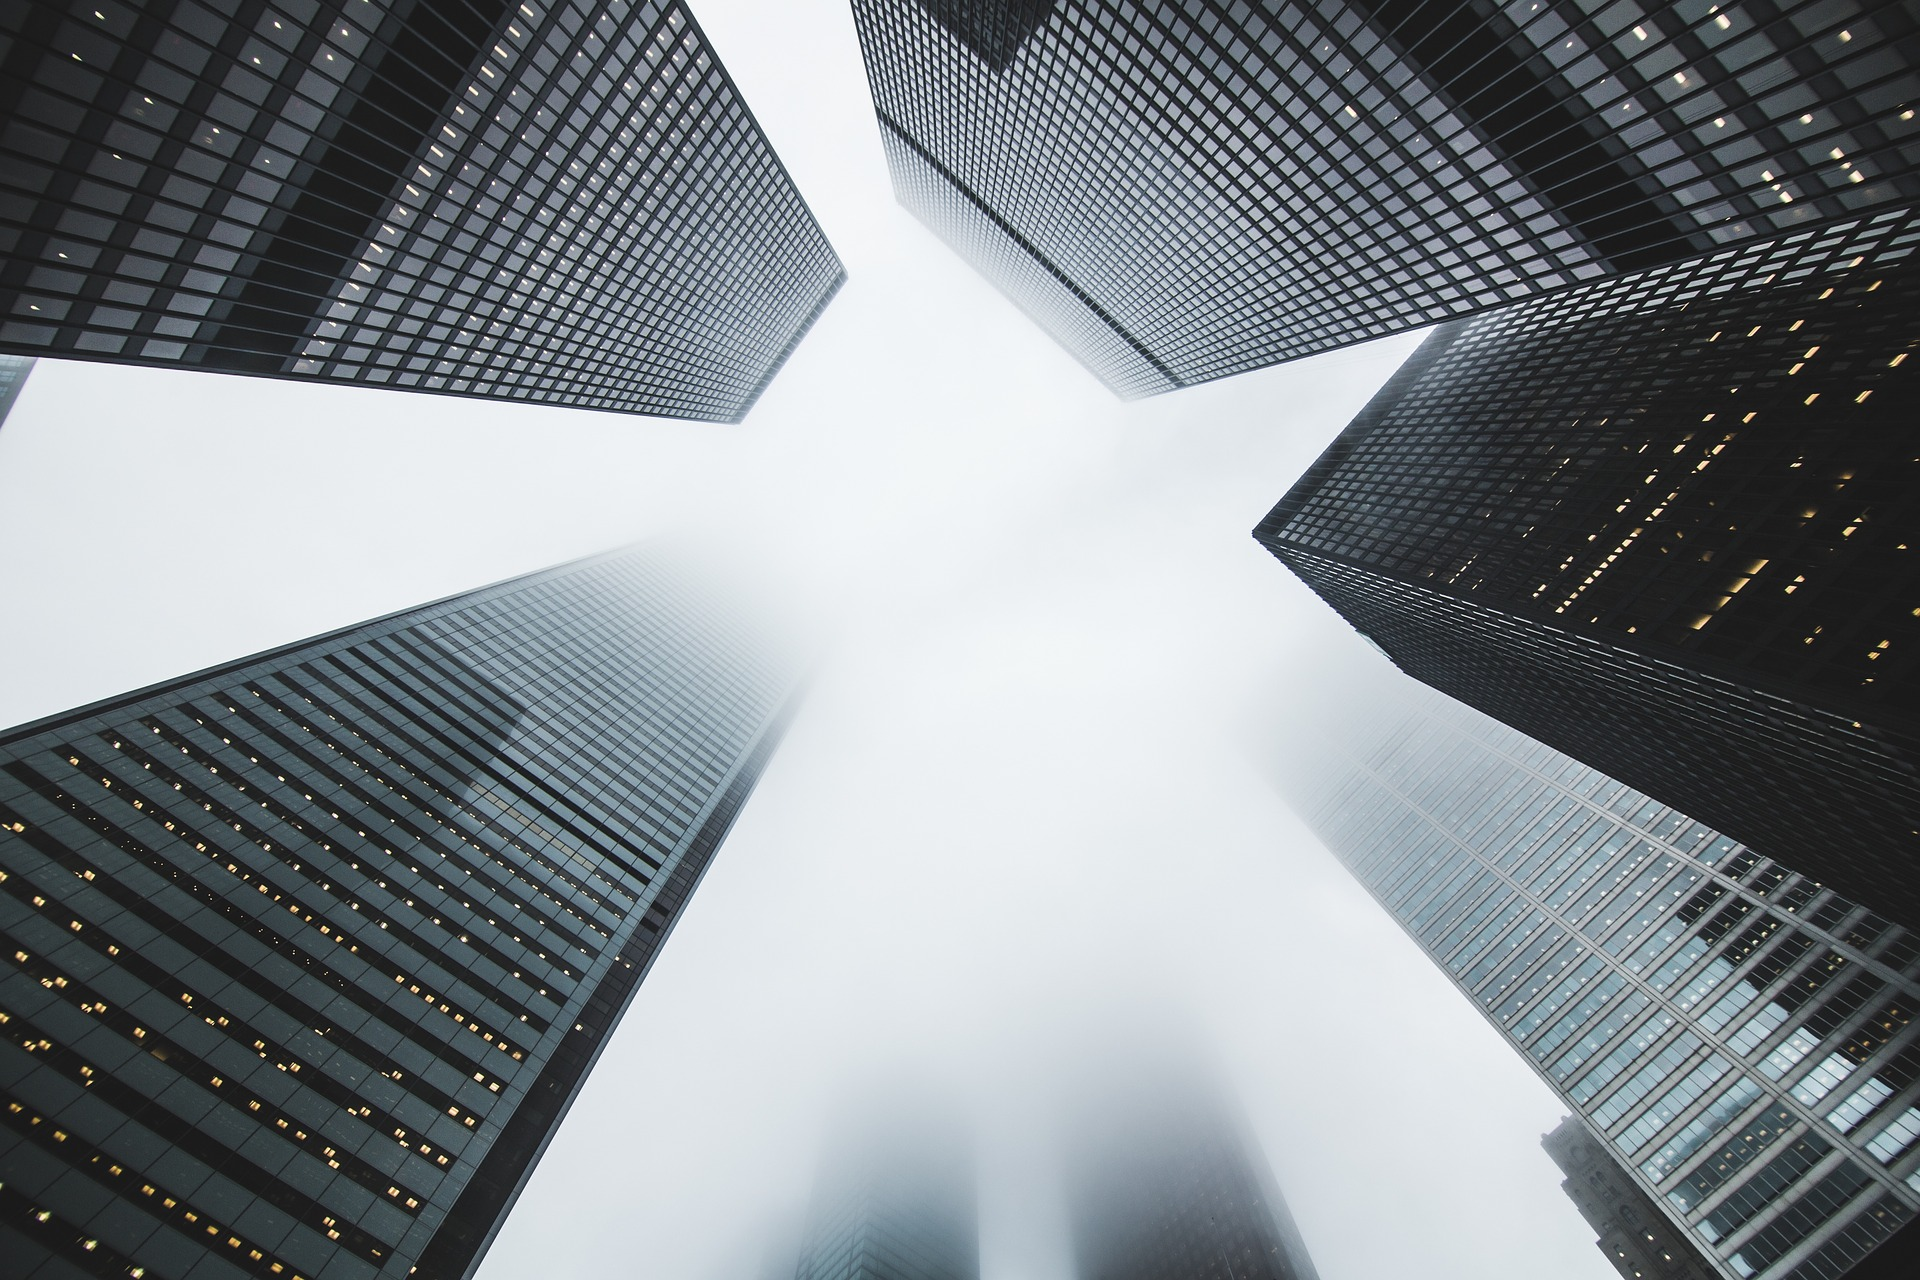 Українська компанія представила blockchain-сервіс для ринку нерухомості